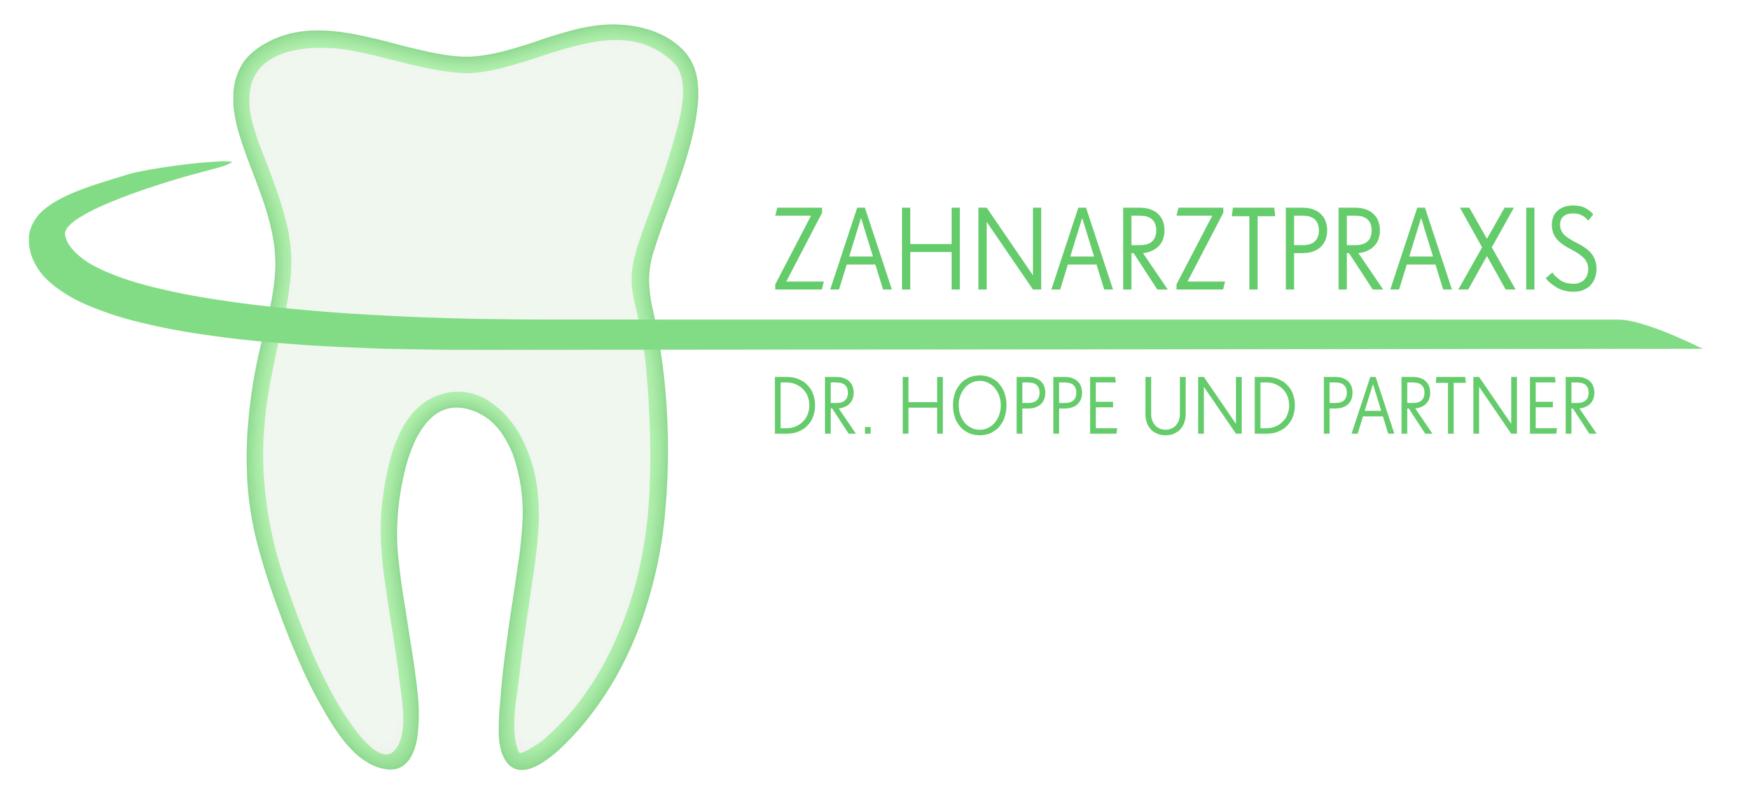 Zahnarztpraxis Dr. Hoppe und Partner in Landesbergen